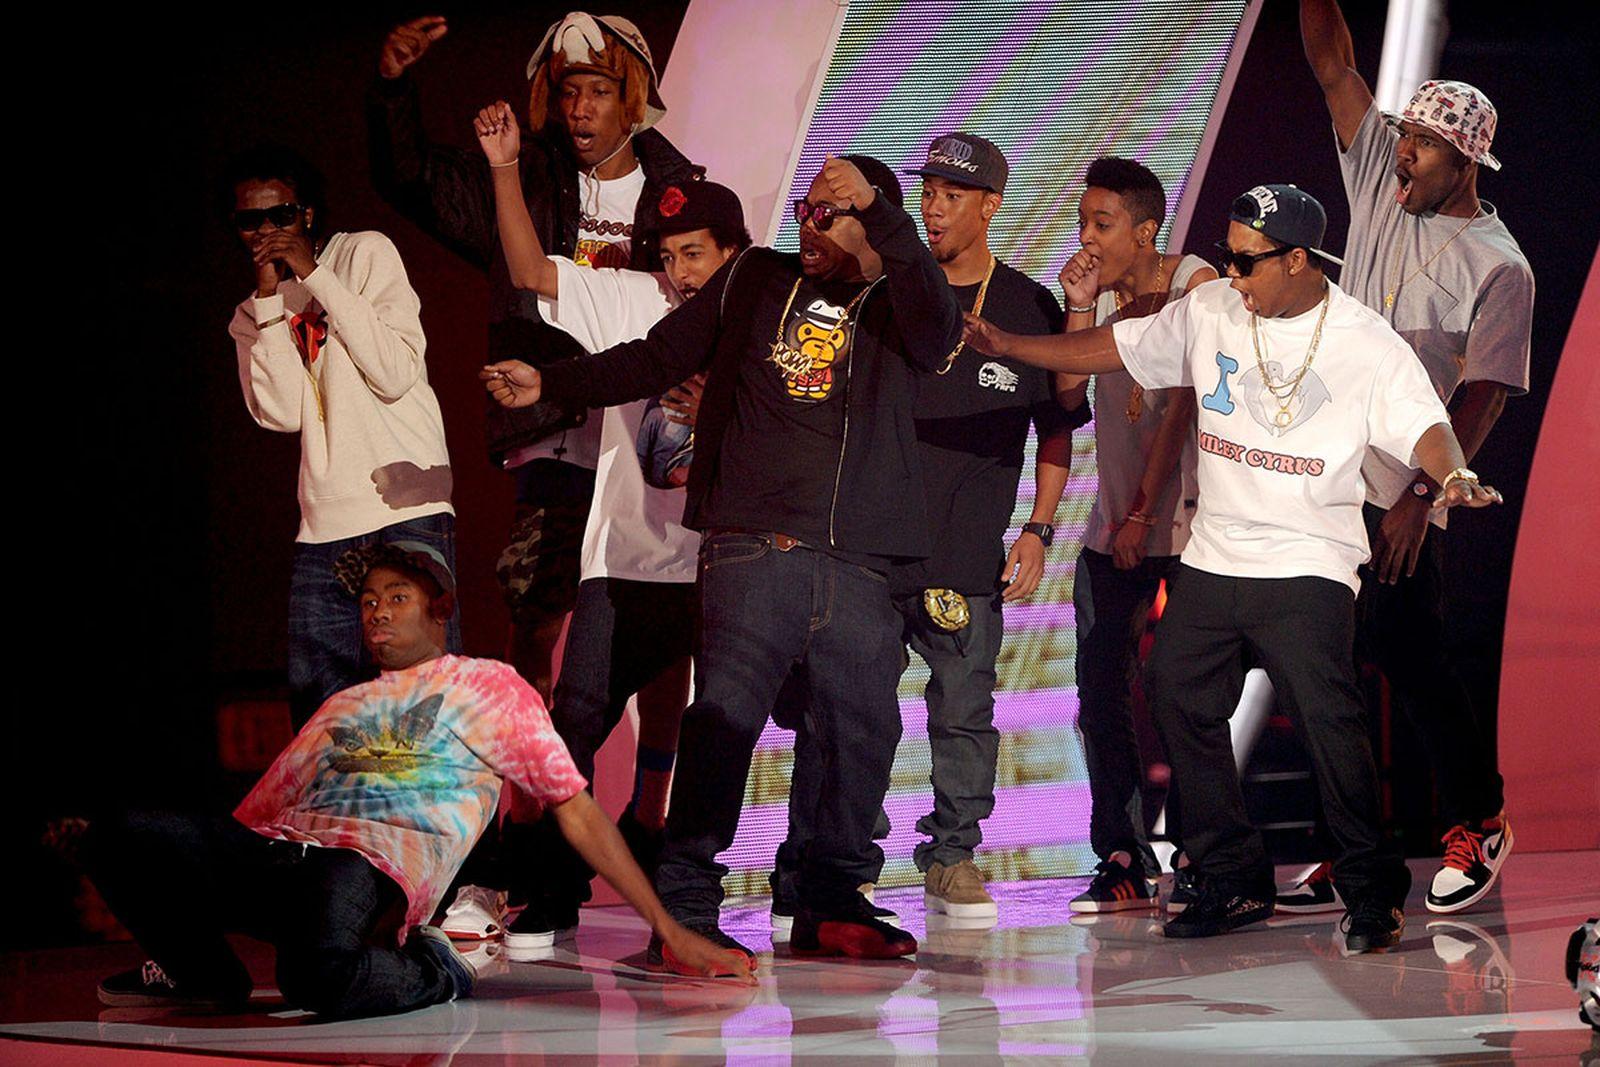 syd odd future music evolution the internet